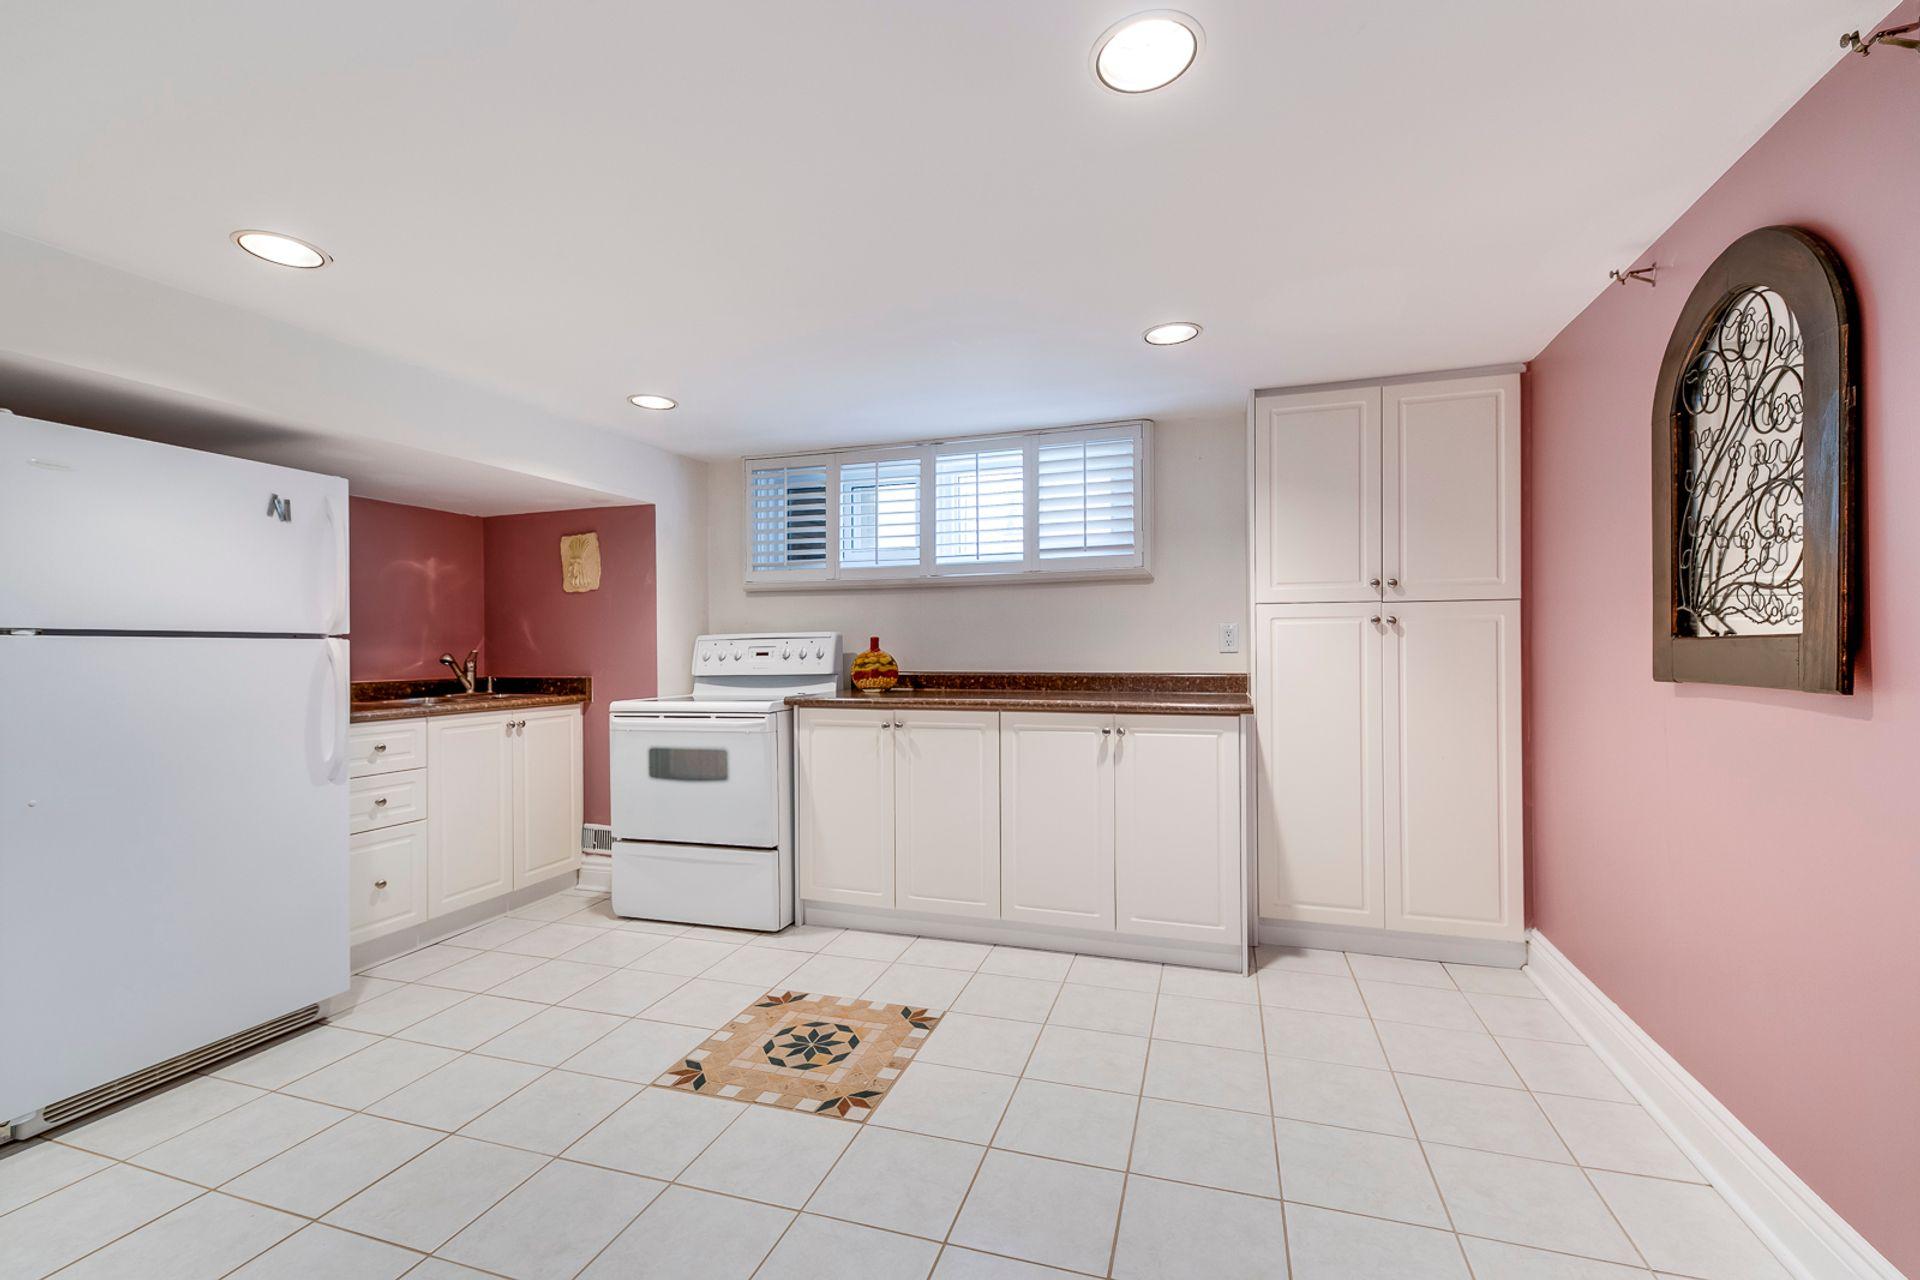 Basement Kitchen - 398 Maple Grove Dr, Oakville - Elite3 & Team at 398 Maple Grove Drive, Eastlake, Oakville